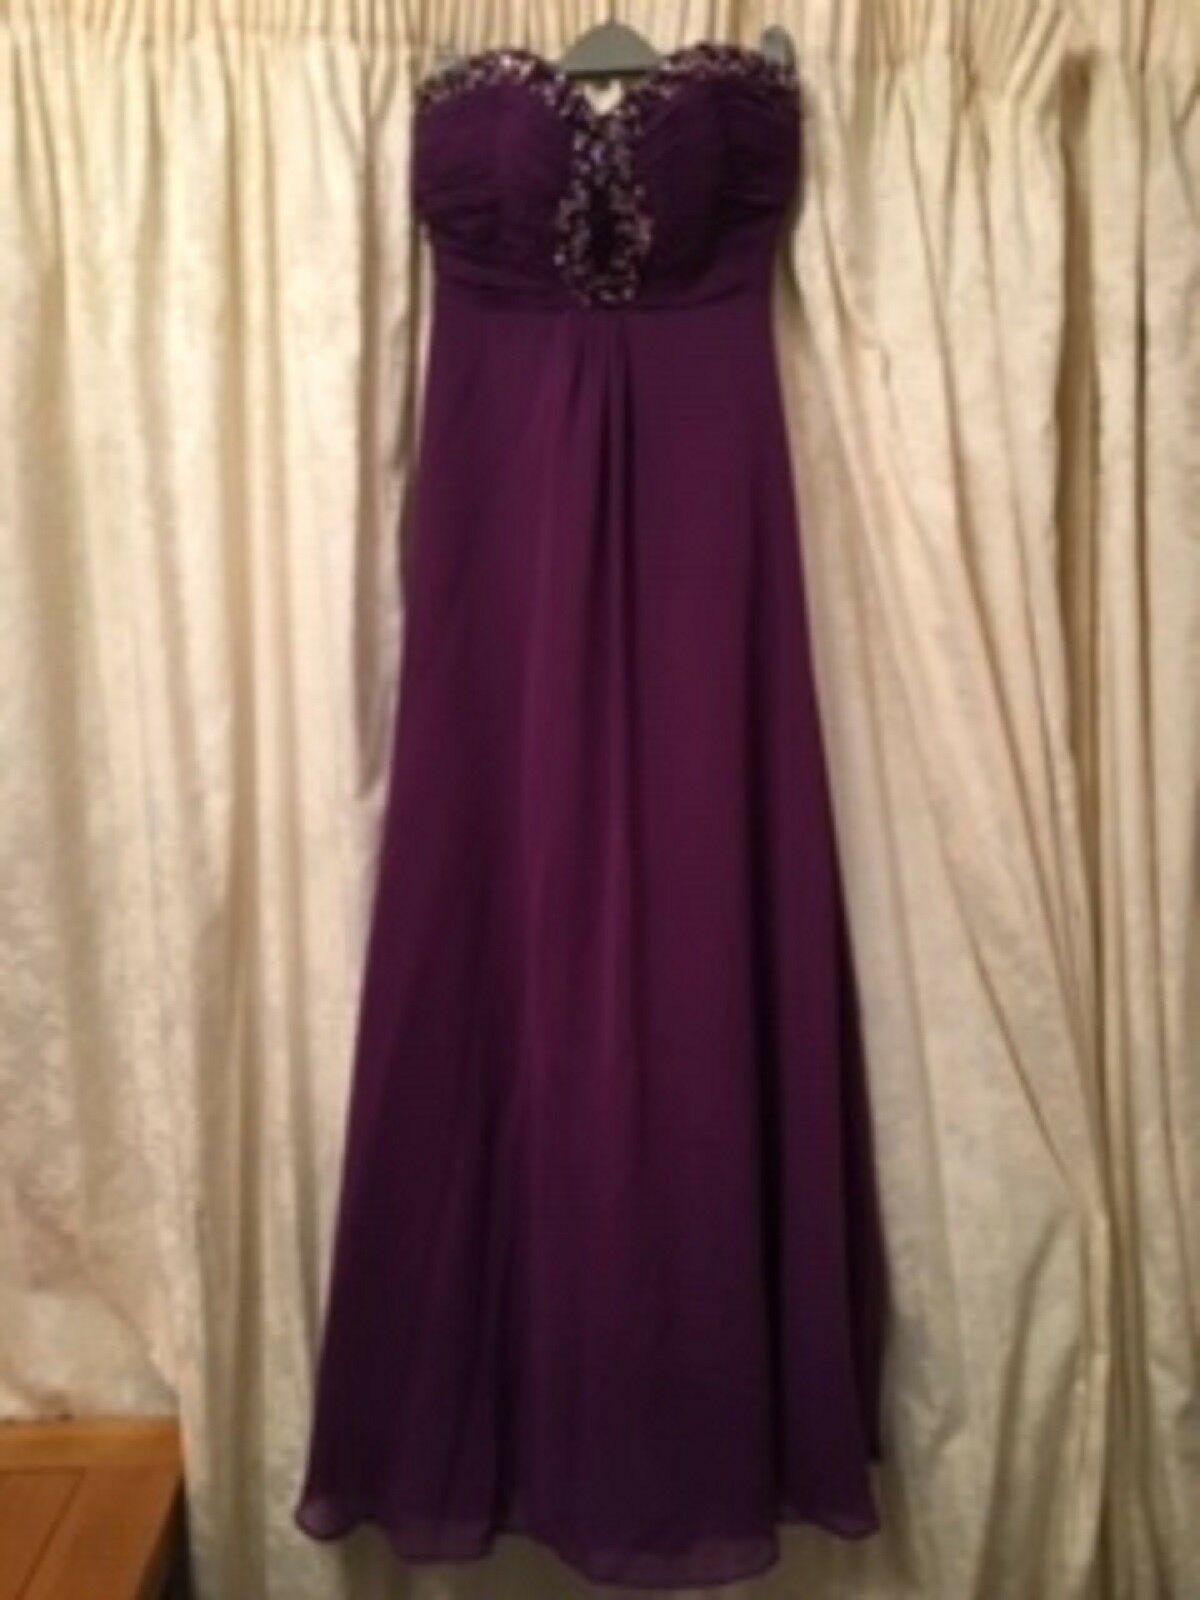 Schön Abendkleid In Lila GalerieDesigner Coolste Abendkleid In Lila Galerie